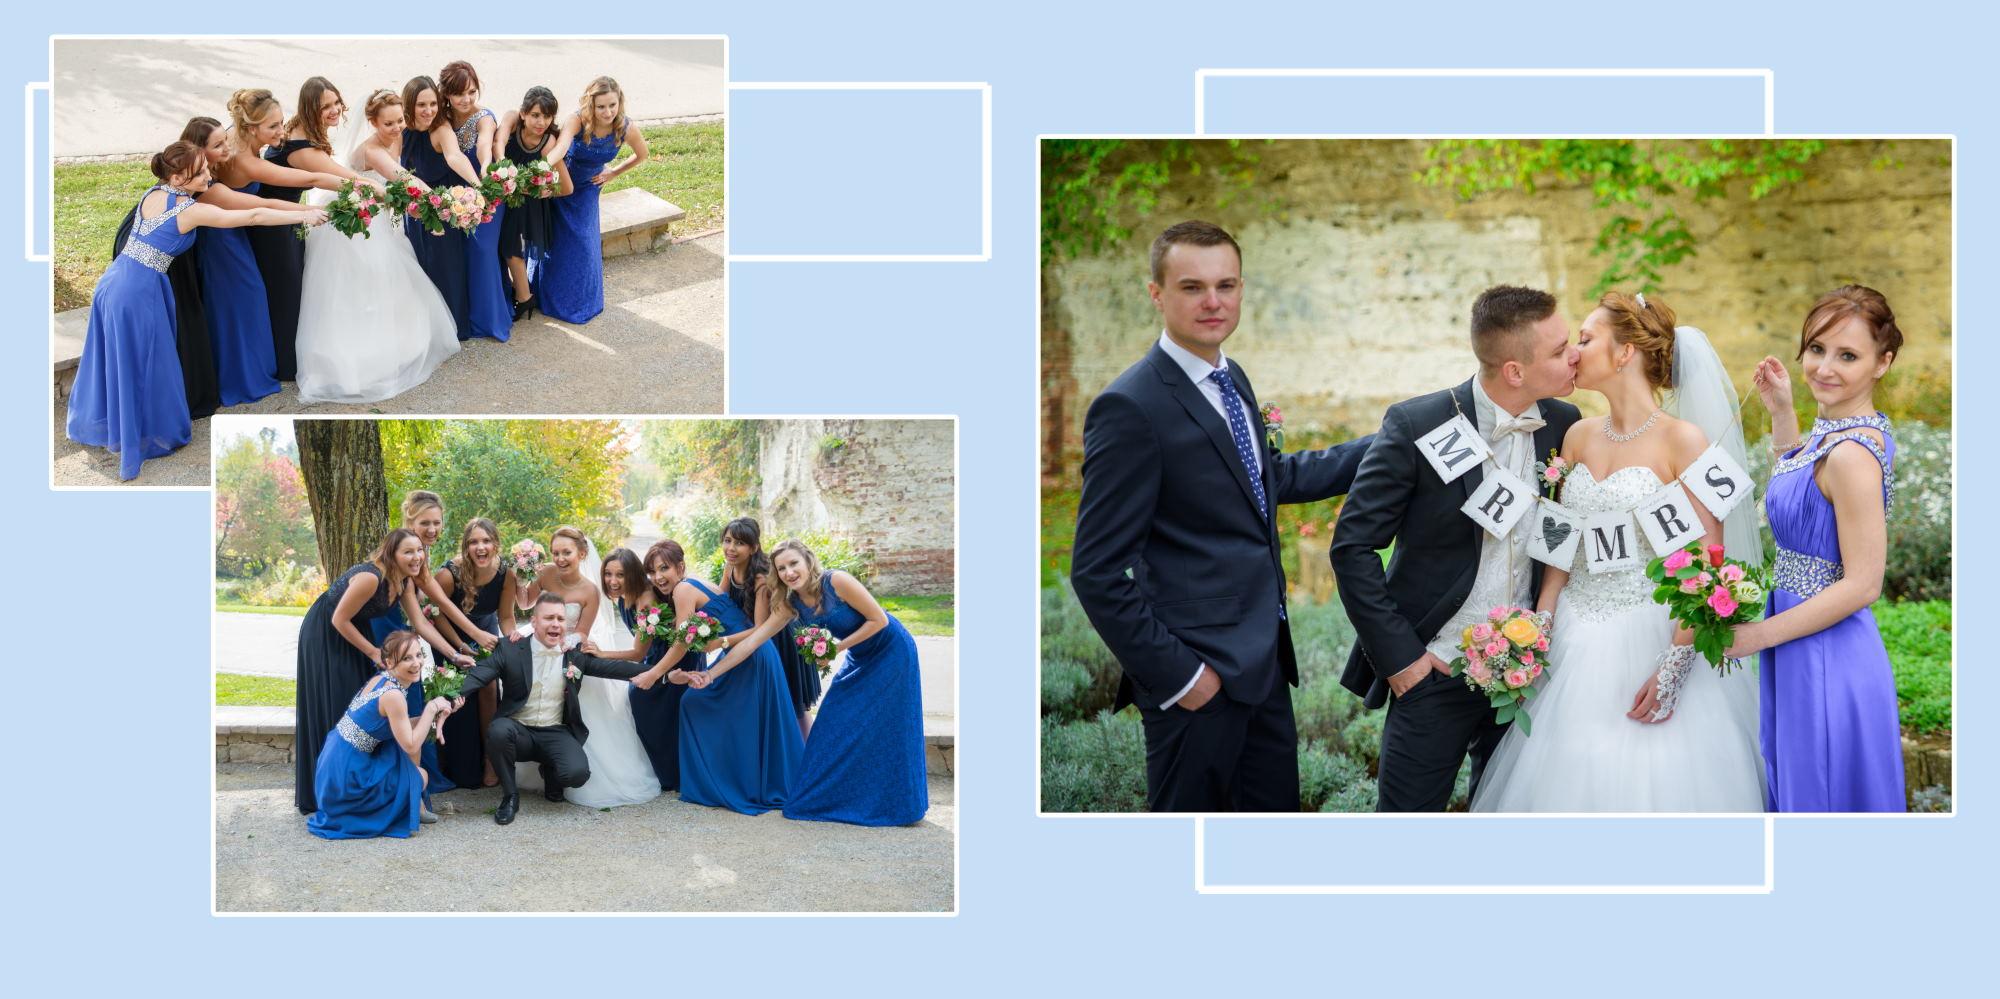 Gruppenfotos Hochzeitsfotos im Klenzepark Ingolstadt